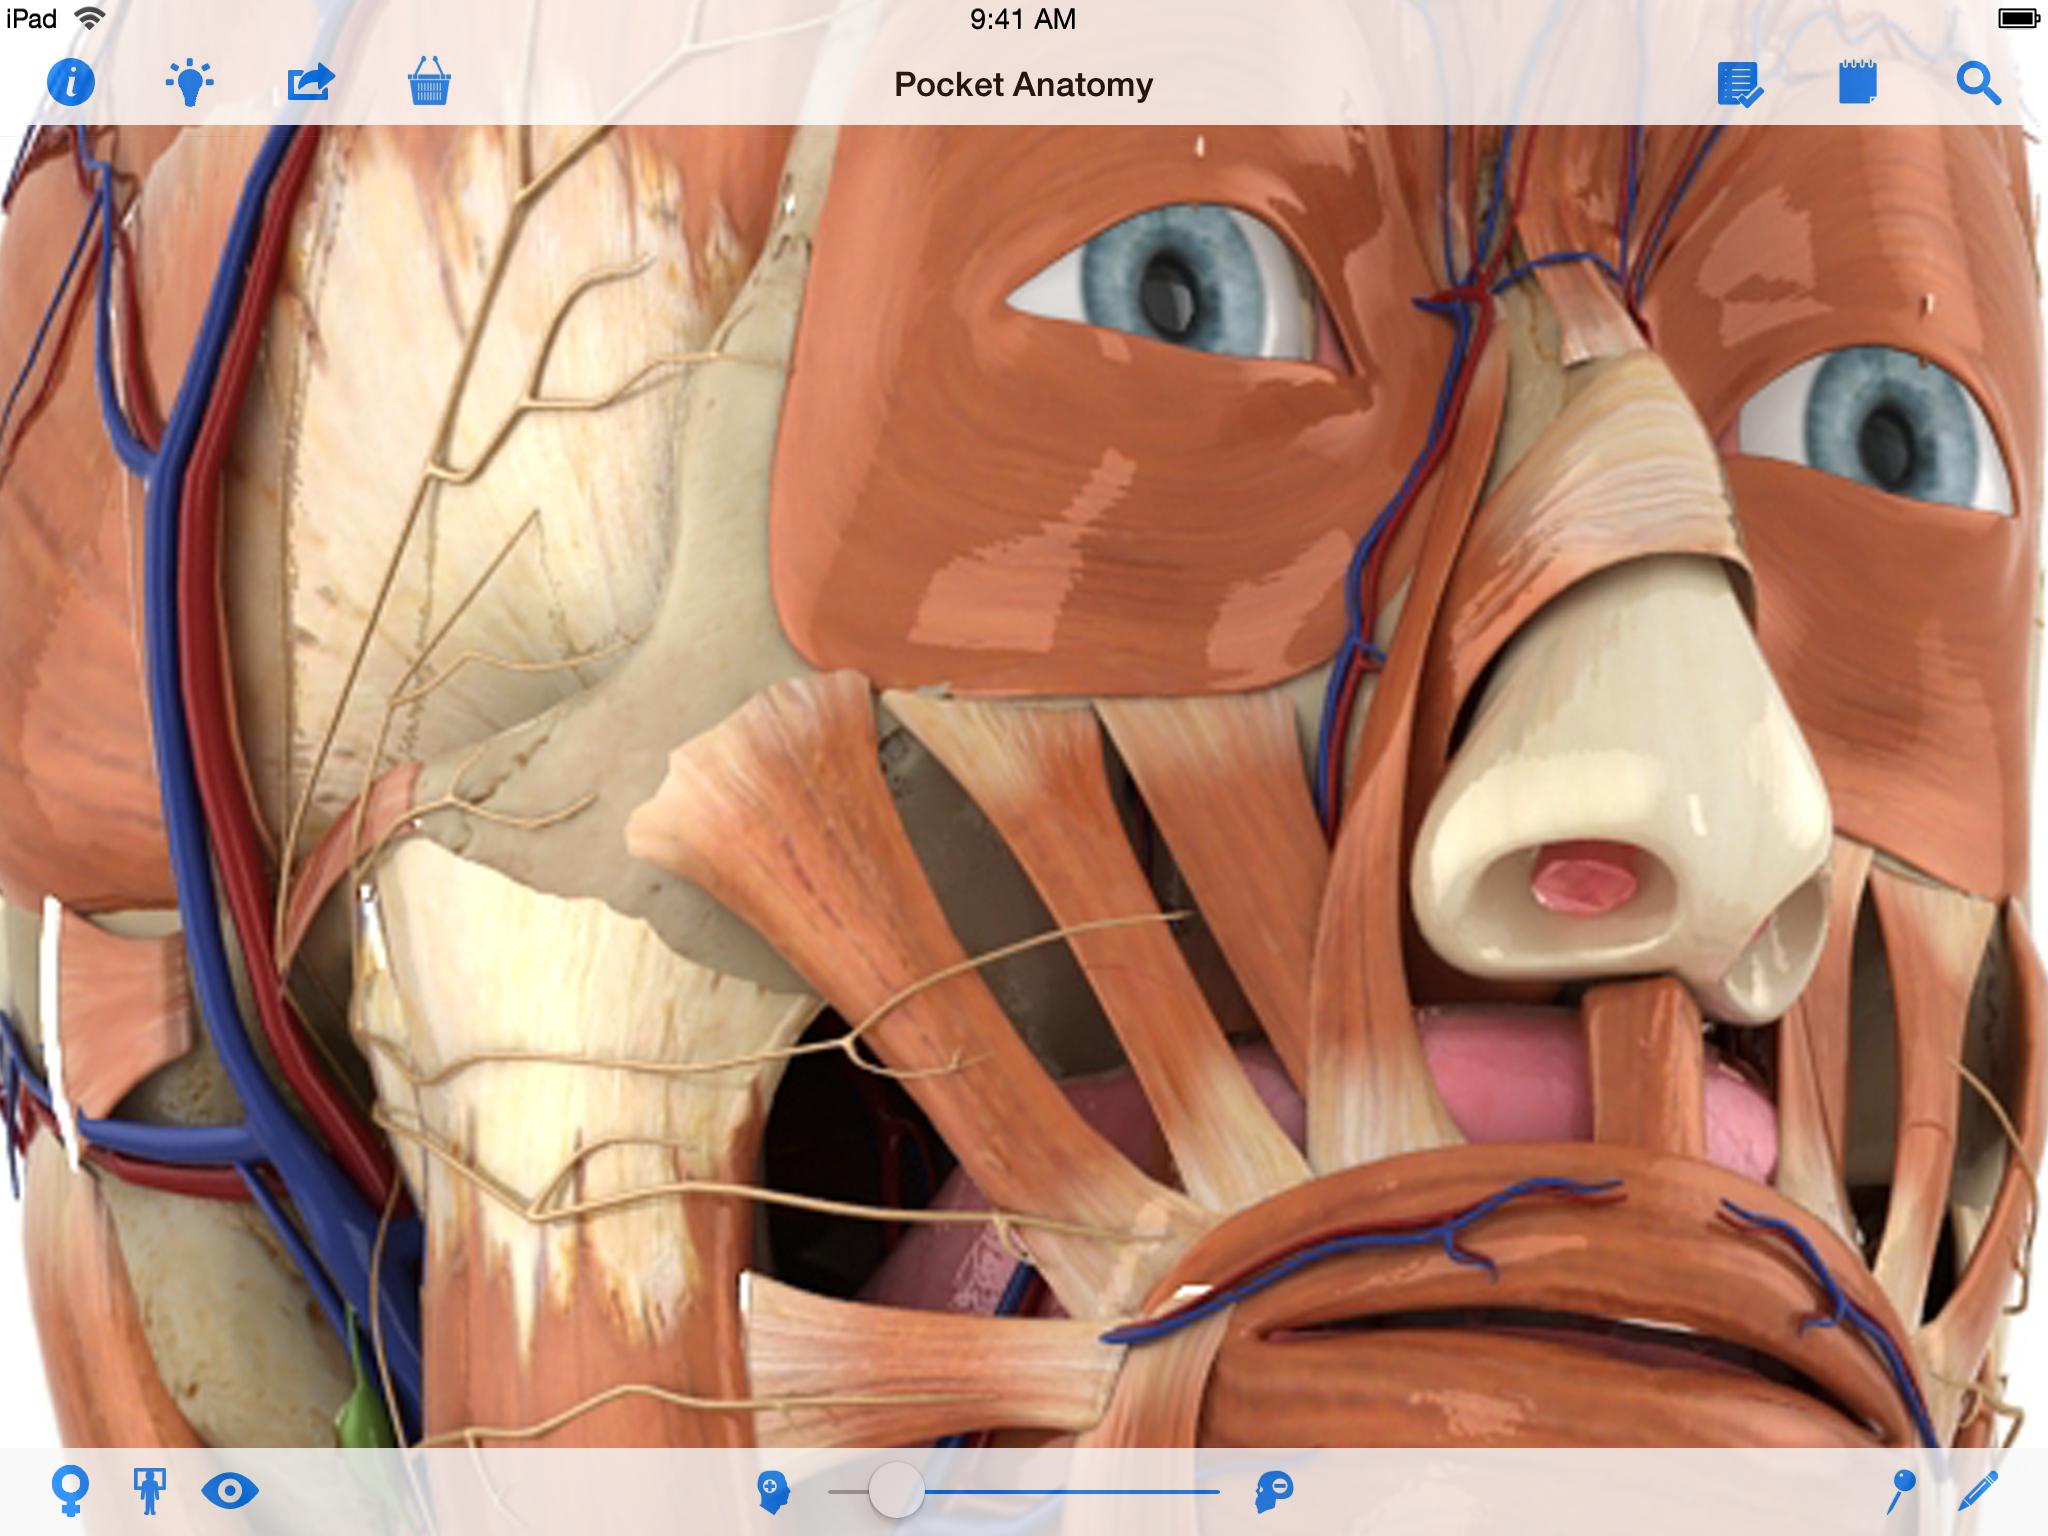 Fantastisch 3d Human Anatomy And Physiology Bilder - Menschliche ...